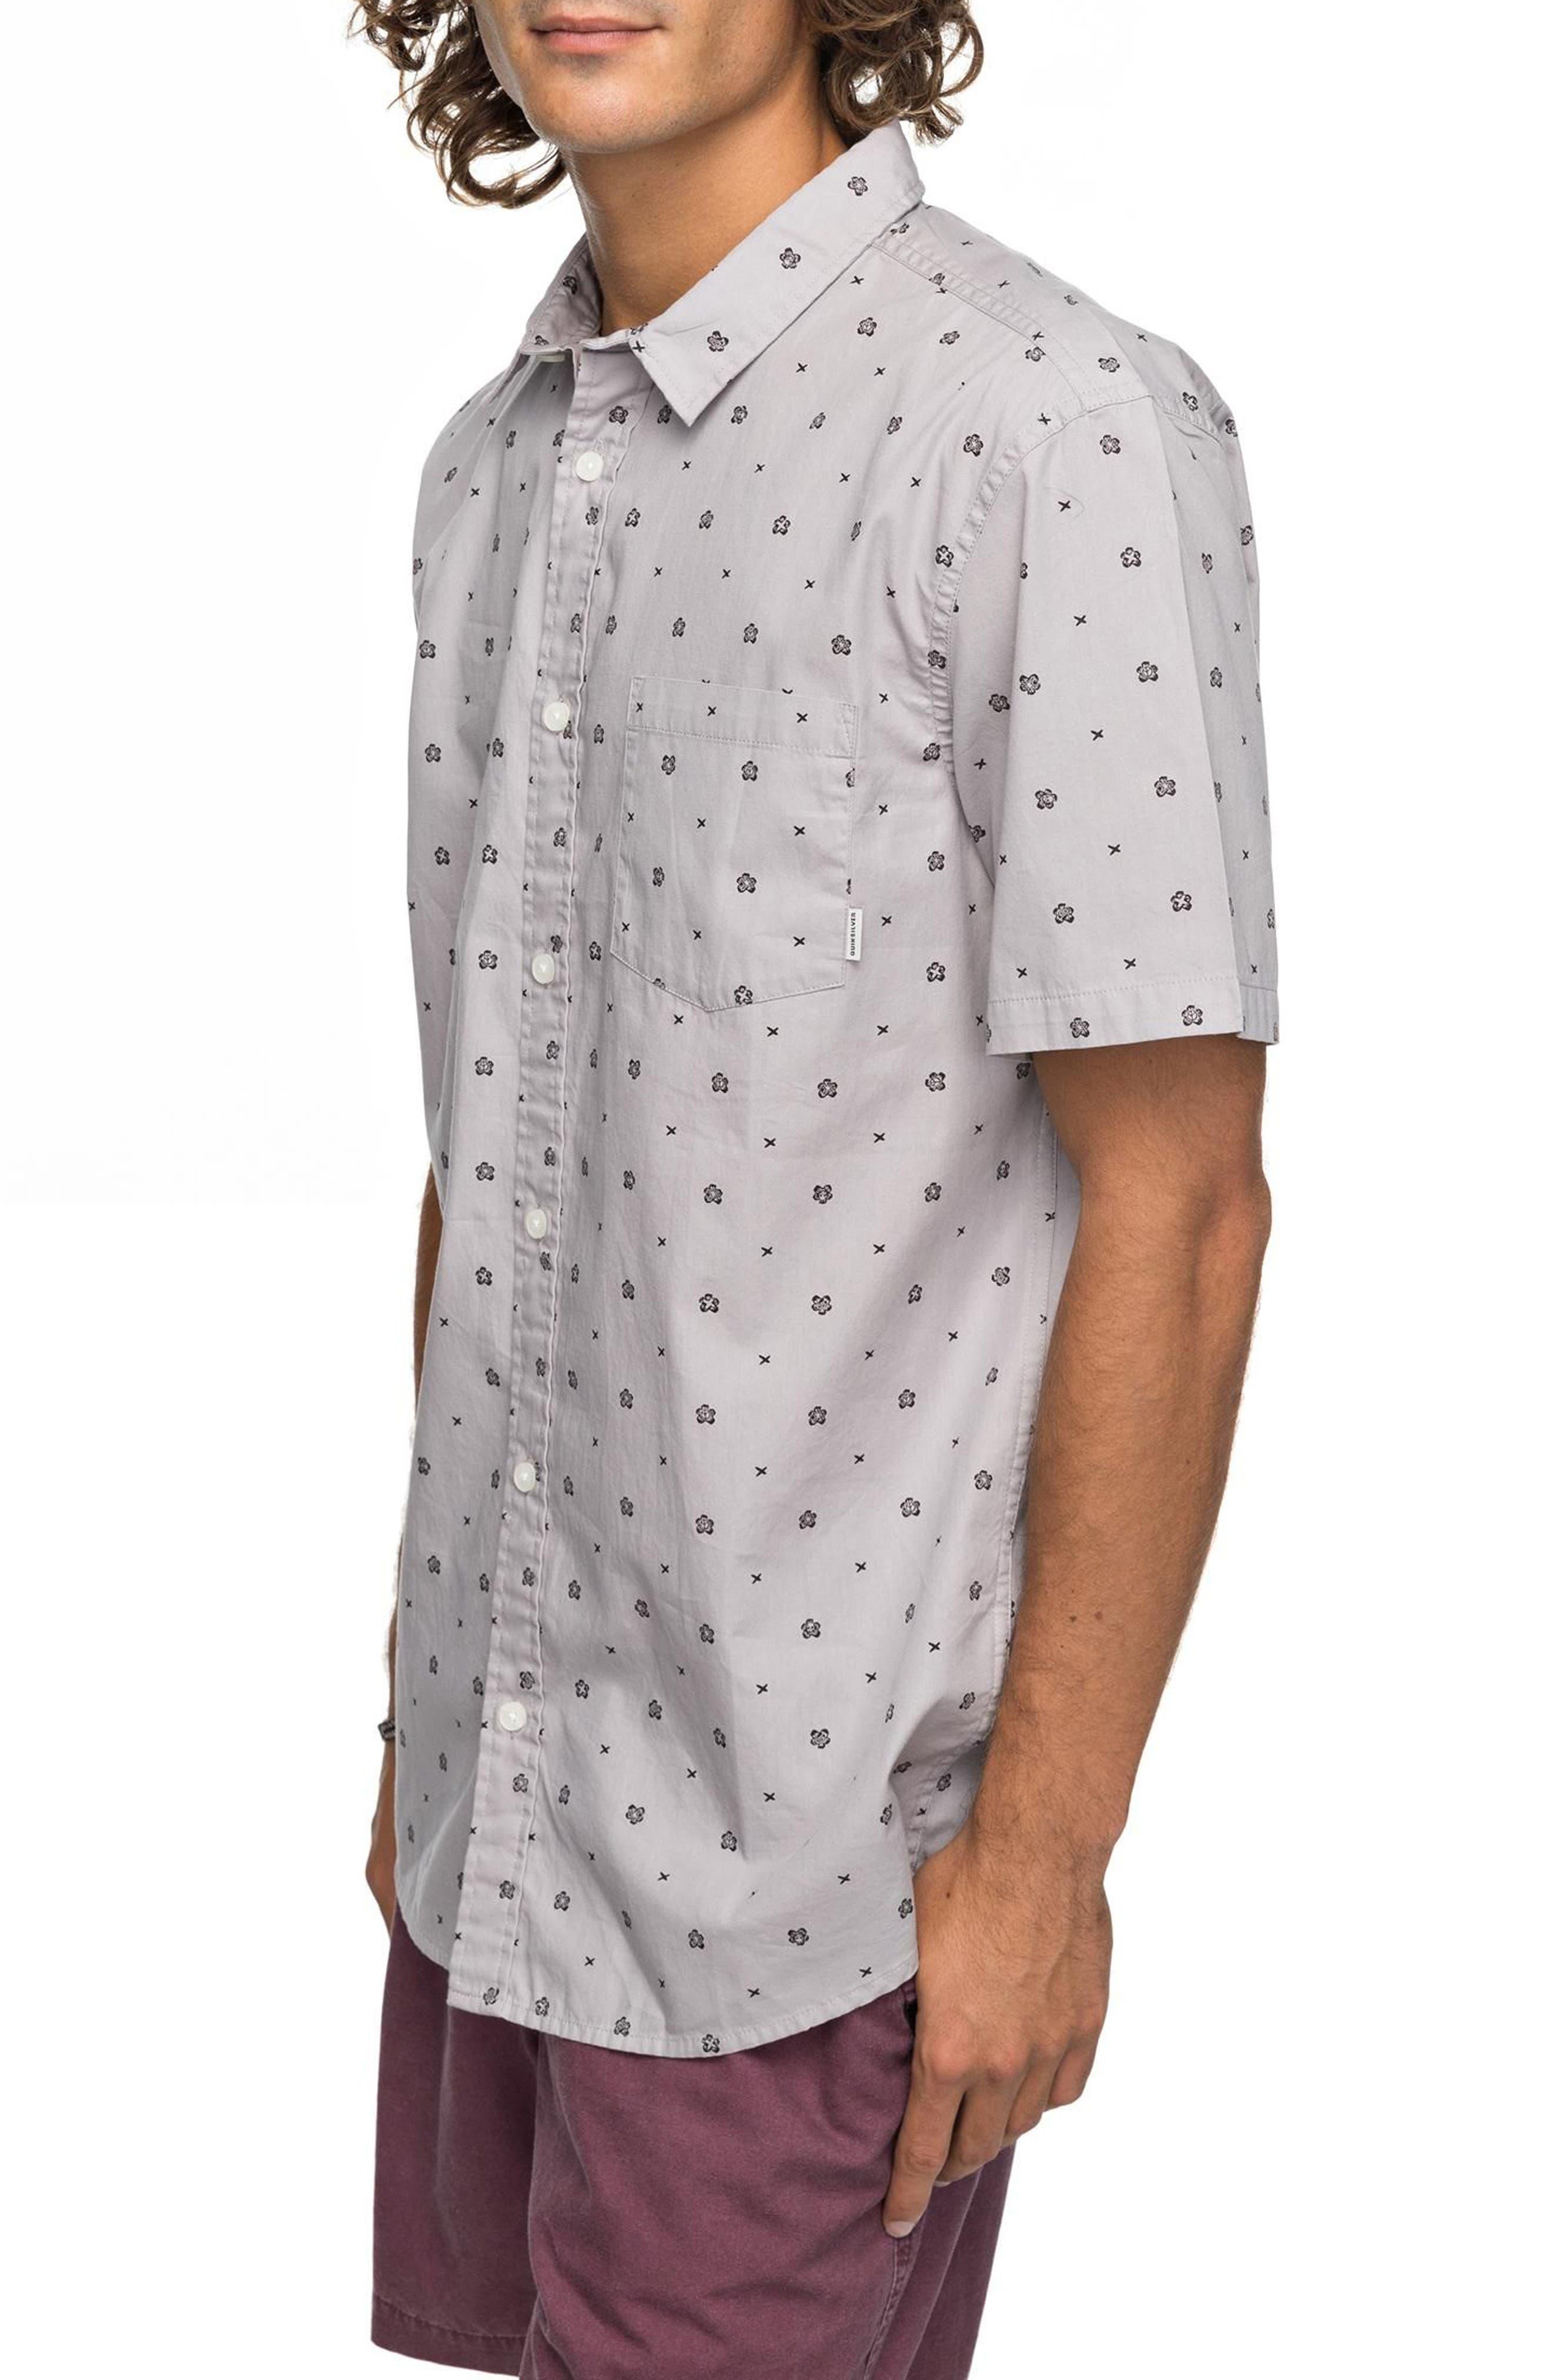 Kamanoa Short Sleeve Shirt,                             Main thumbnail 1, color,                             034